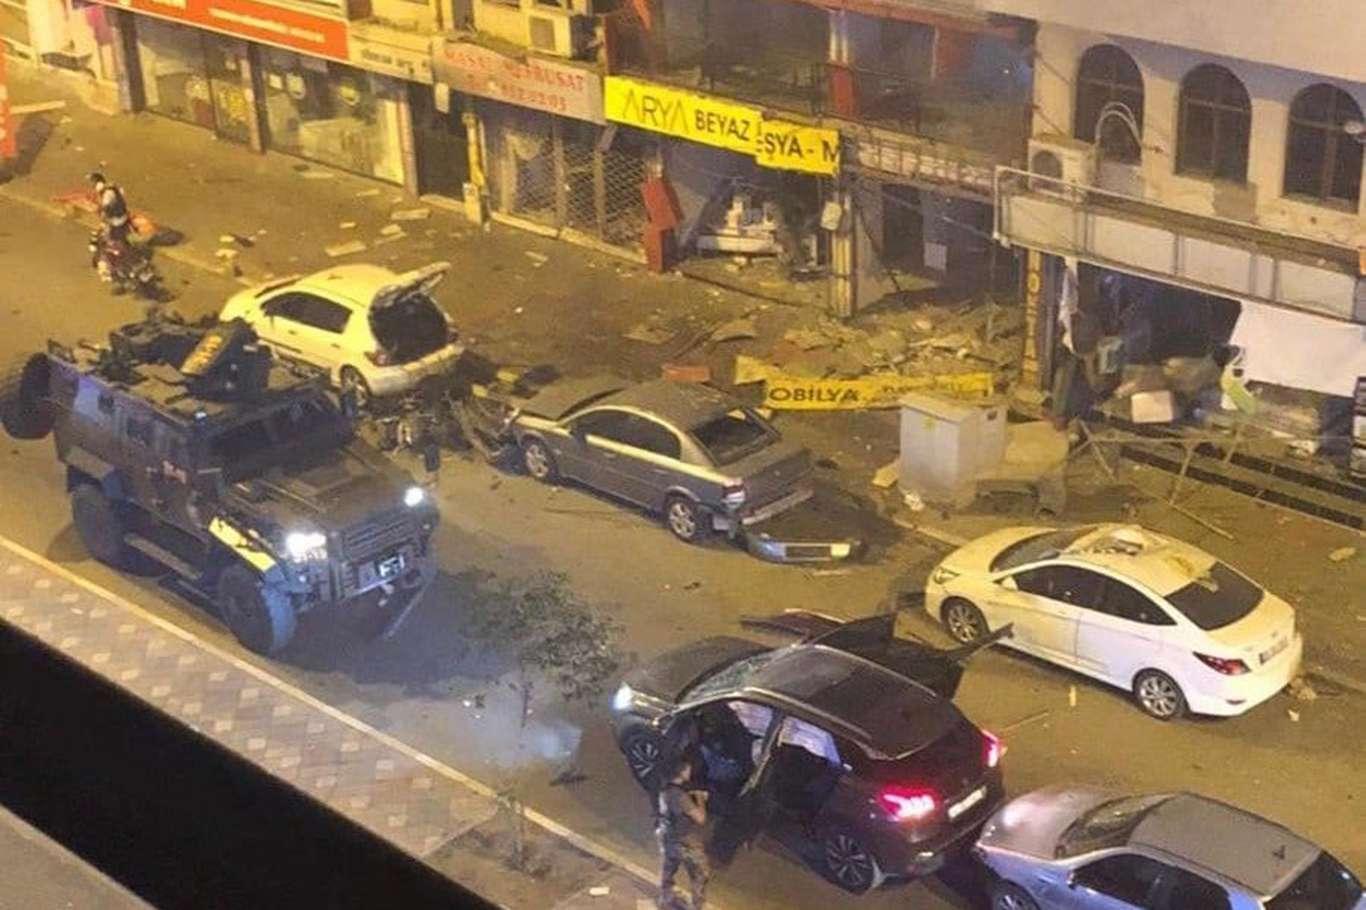 <p>Hatay'ın İskenderun ilçesi Fener Caddesi'nde bir patlama meydana geldi. Patlamanın ardından bölge